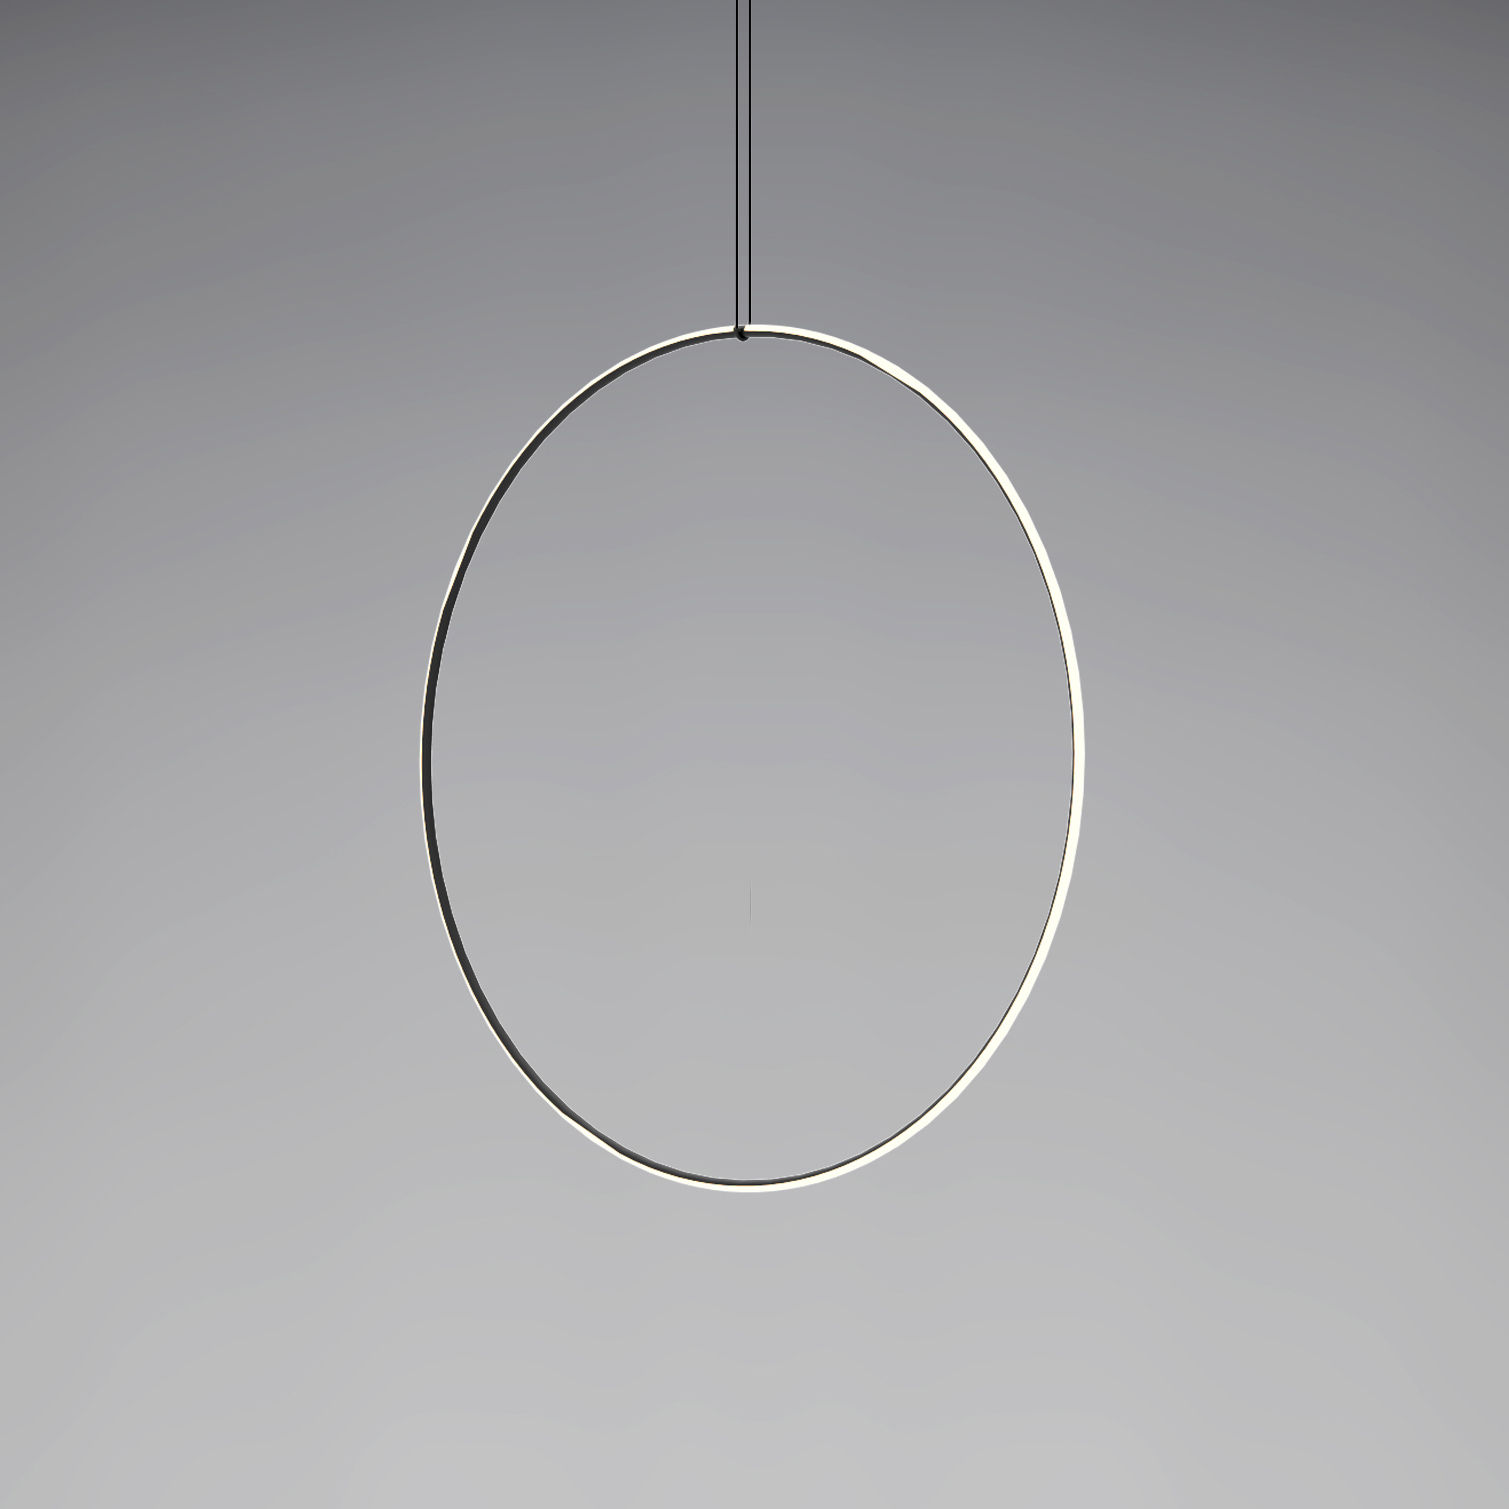 Lighting - Pendant Lighting - Arrangements 5 LED Pendant - / Ø 100 cm by Flos - Black & White - Painted aluminium, Polycarbonate